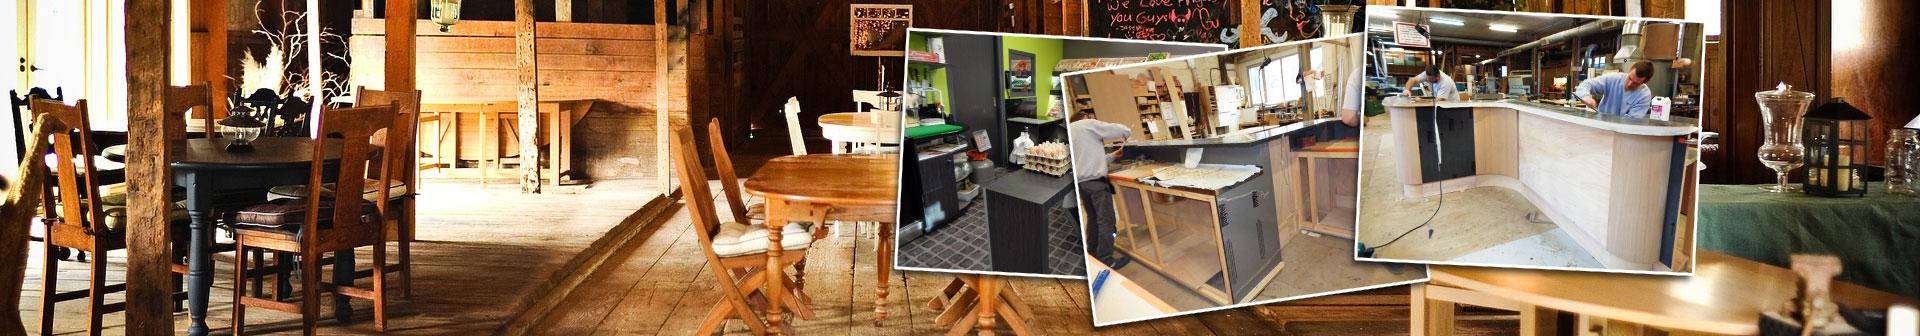 menuisol mobilier sur mesure et pose de sols sotteville l s rouen. Black Bedroom Furniture Sets. Home Design Ideas